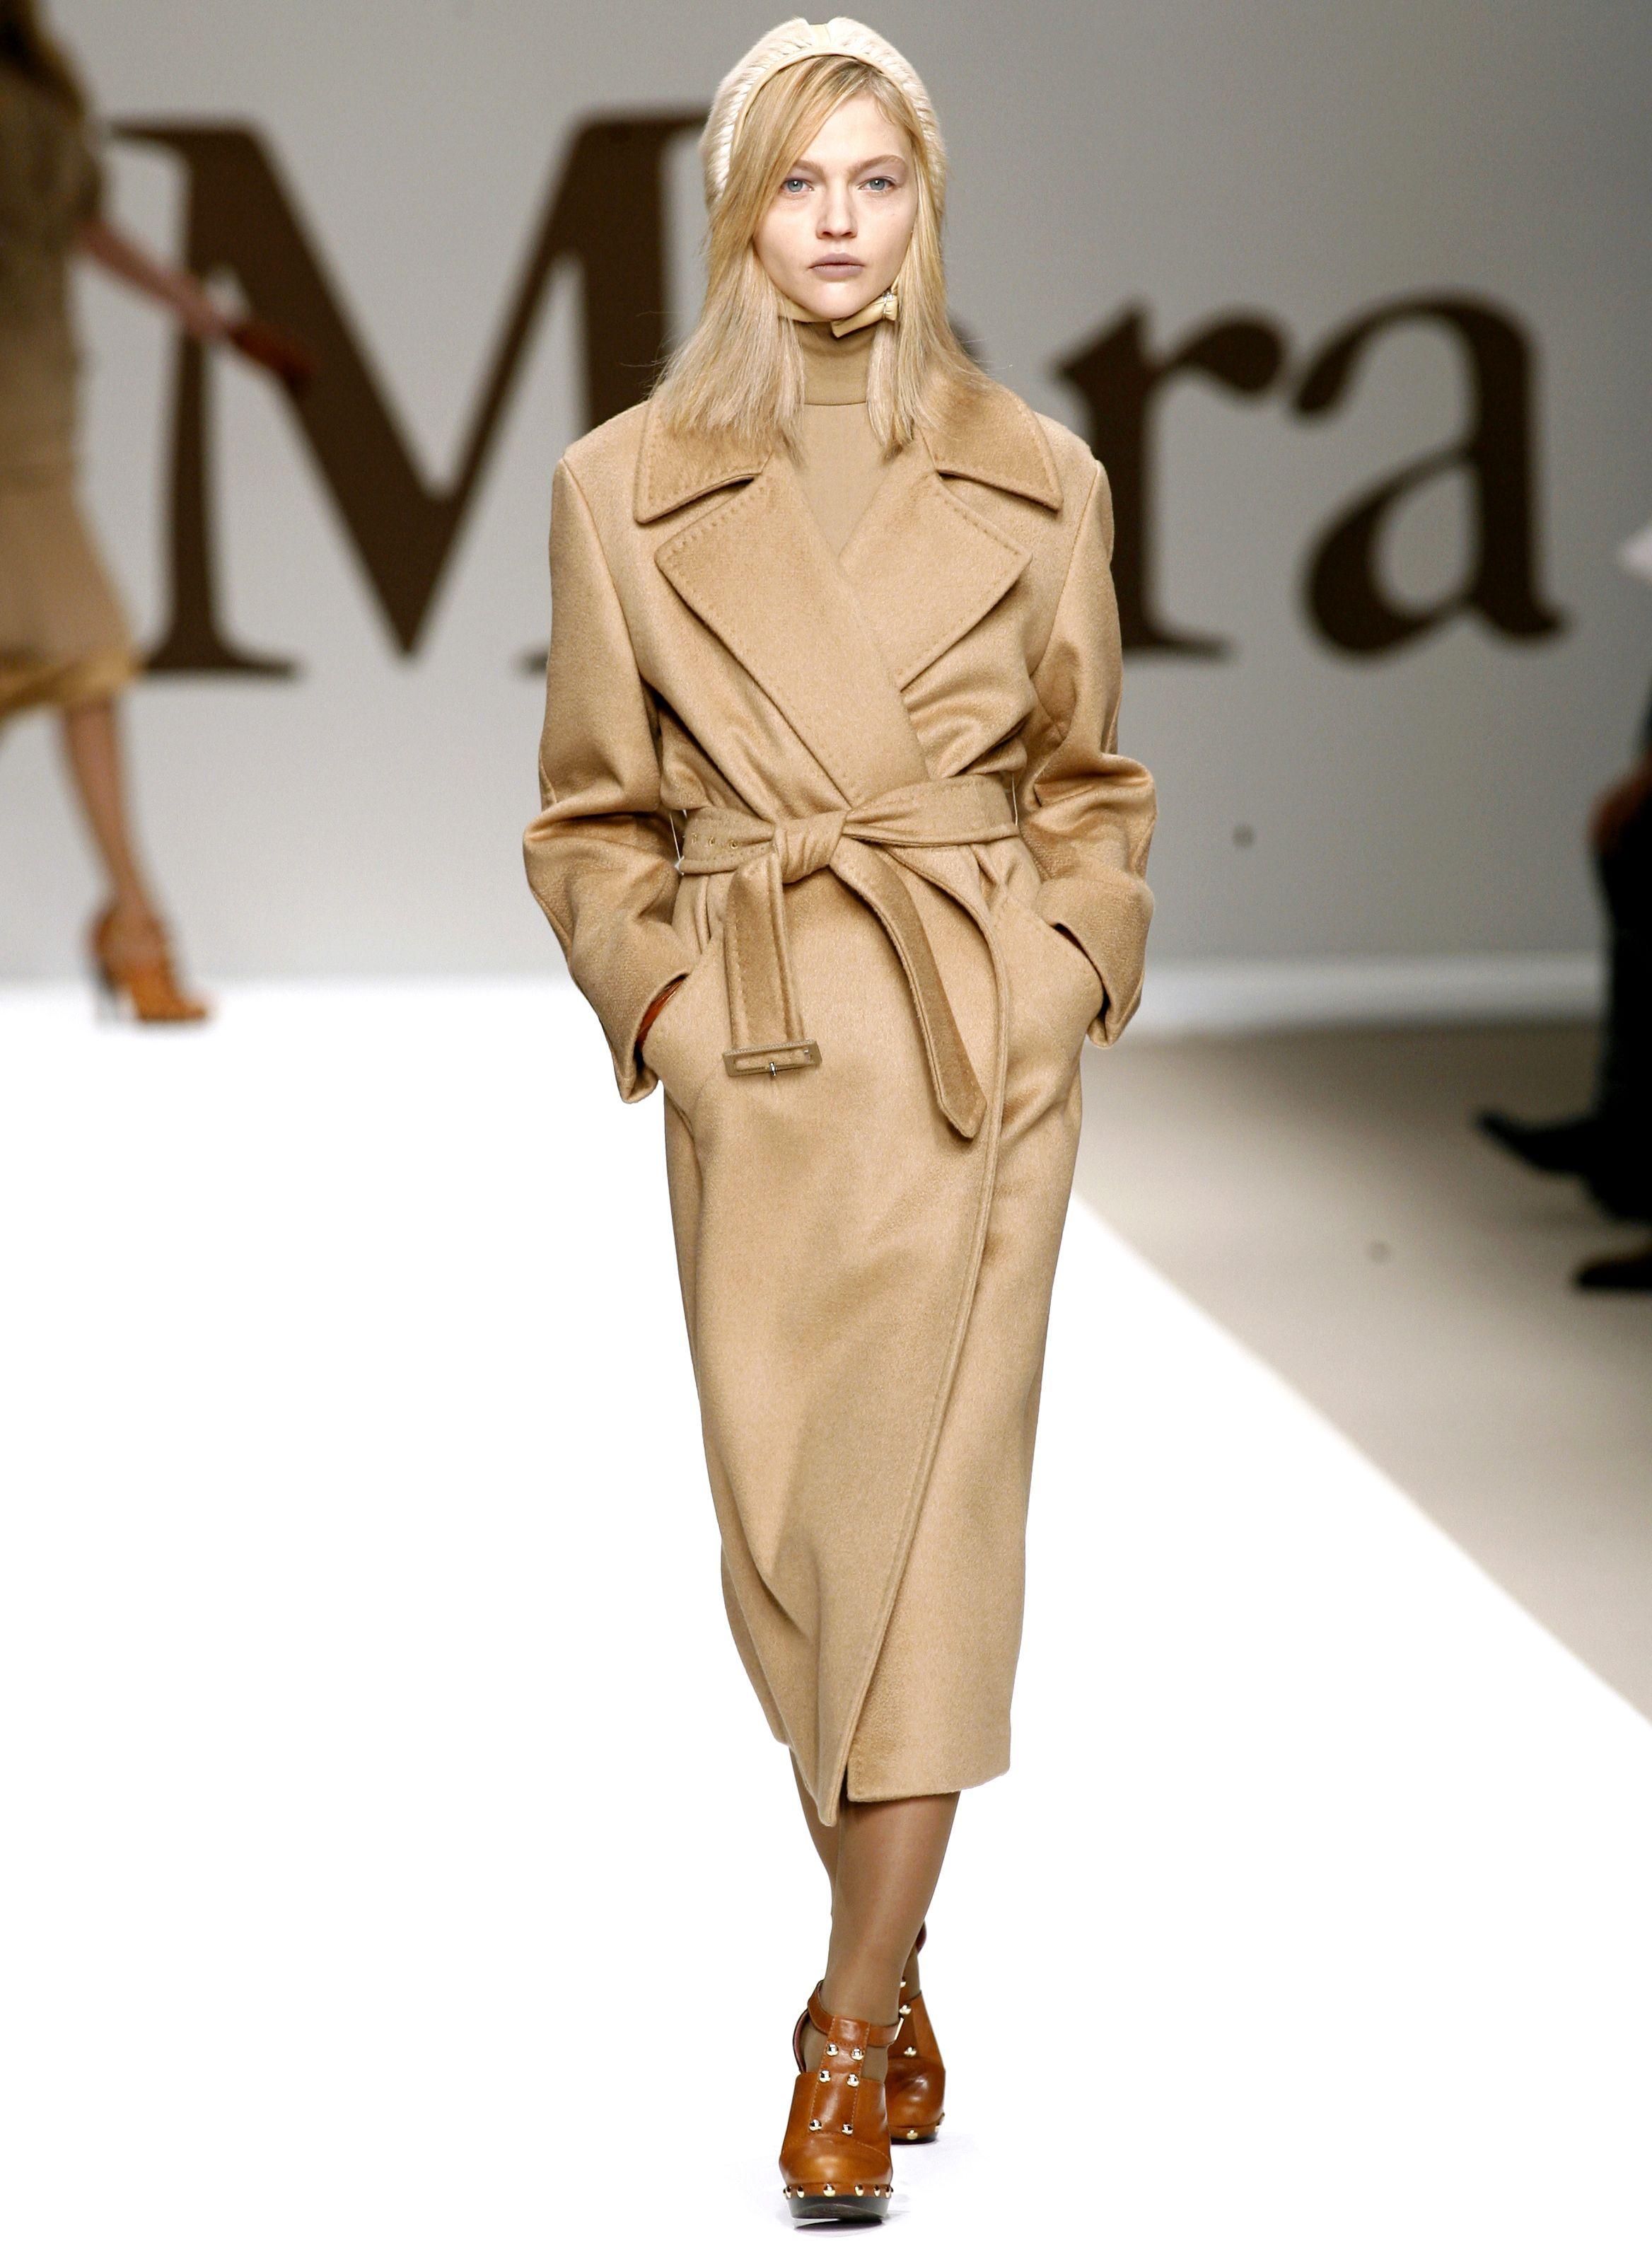 Milan Fashion Week Ready to Wear: Ein Model mit Nietenboots in der Show von Max Mara (ddp images)